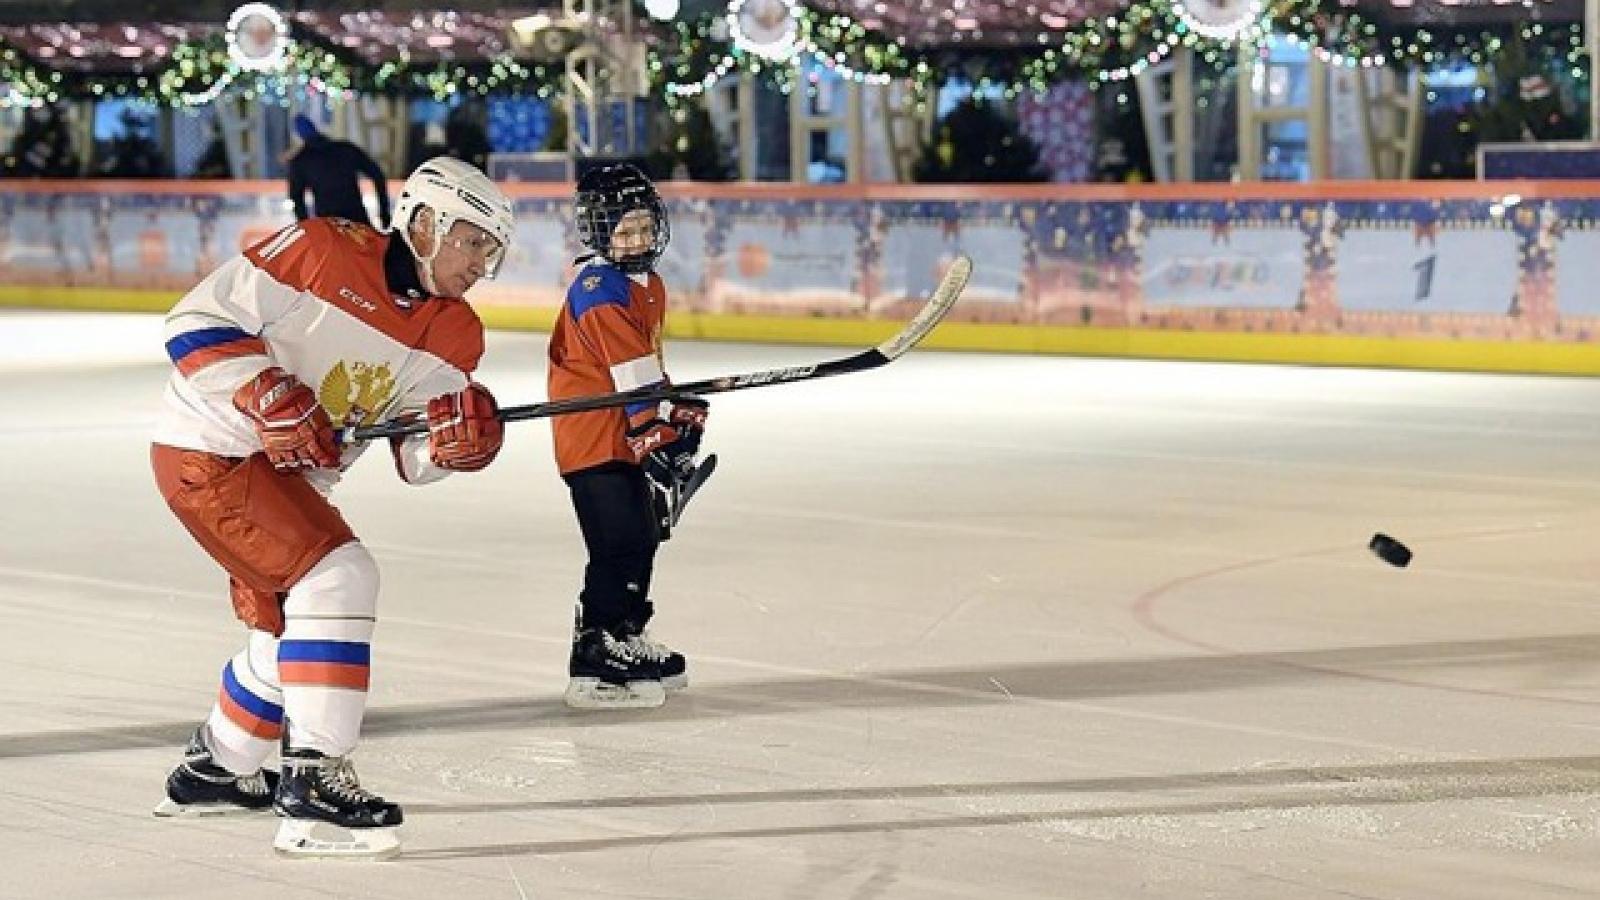 Tổng thống Putin chơi khúc côn cầu với cậu bé 9 tuổi ở Quảng trường Đỏ dịp Giáng sinh